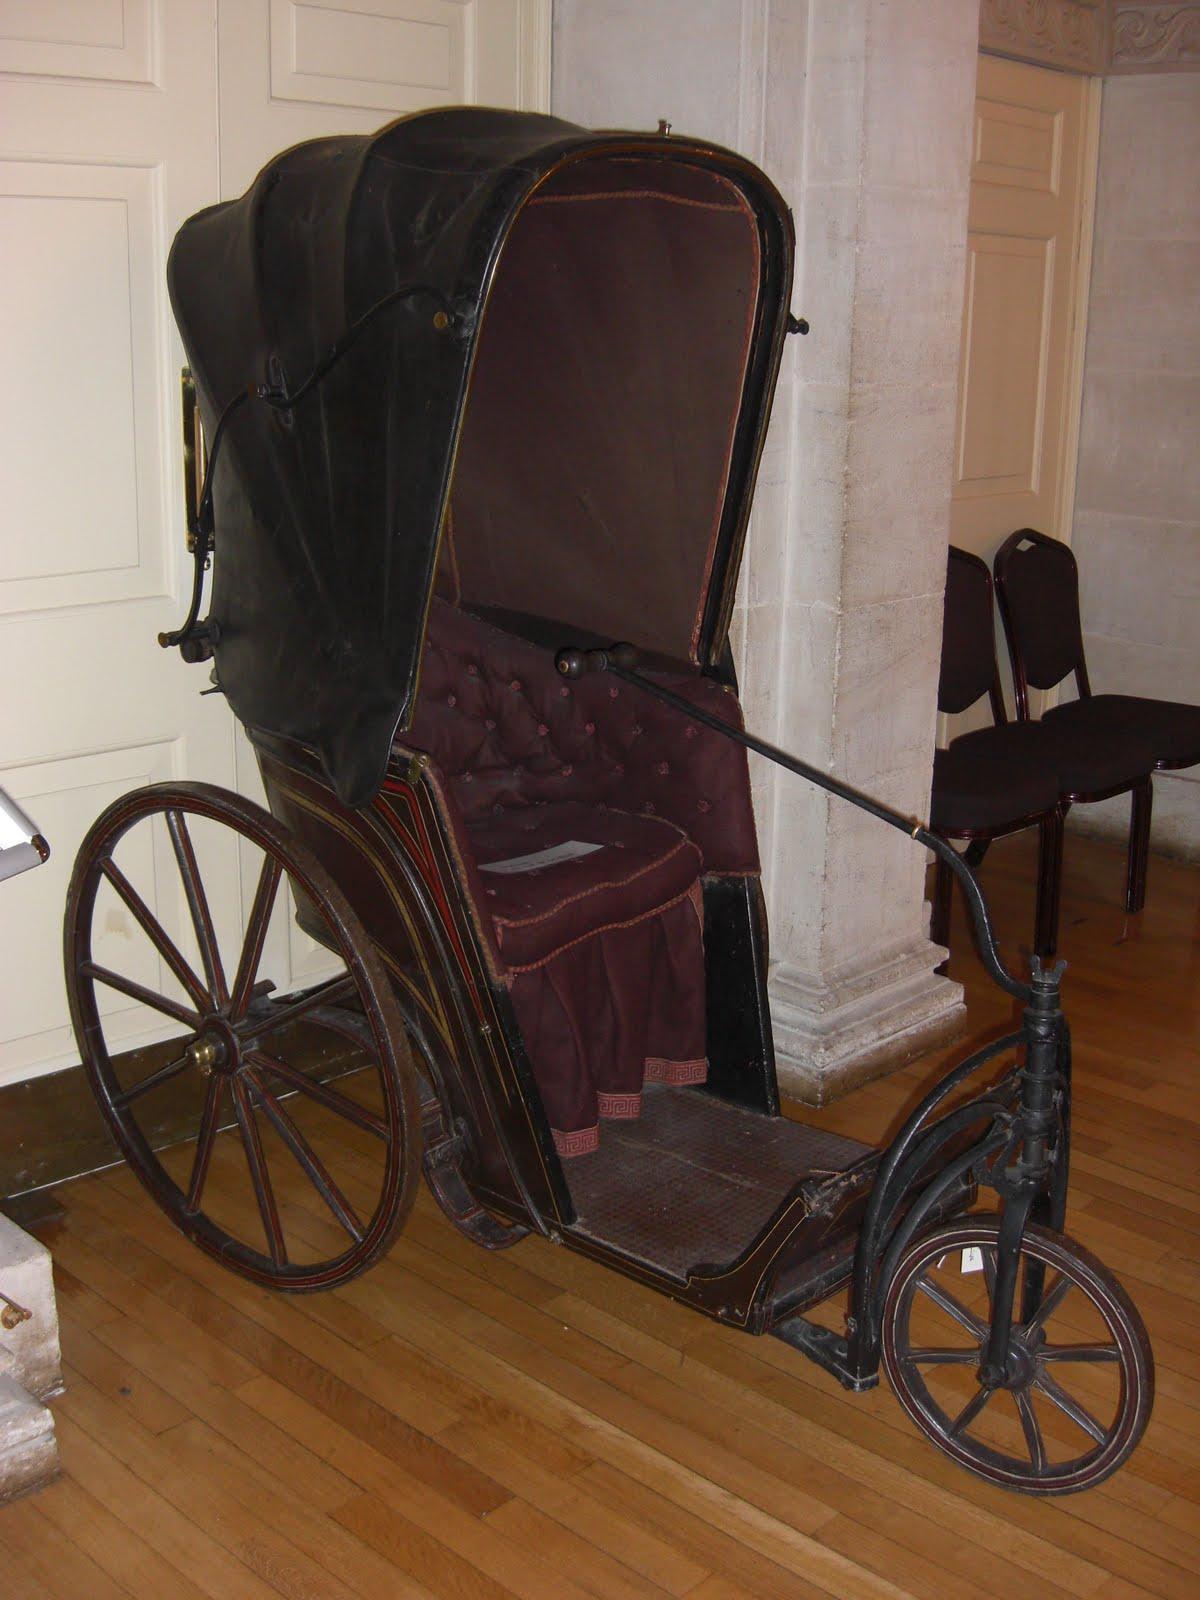 Bath Chairs | Britain Visitor Blog